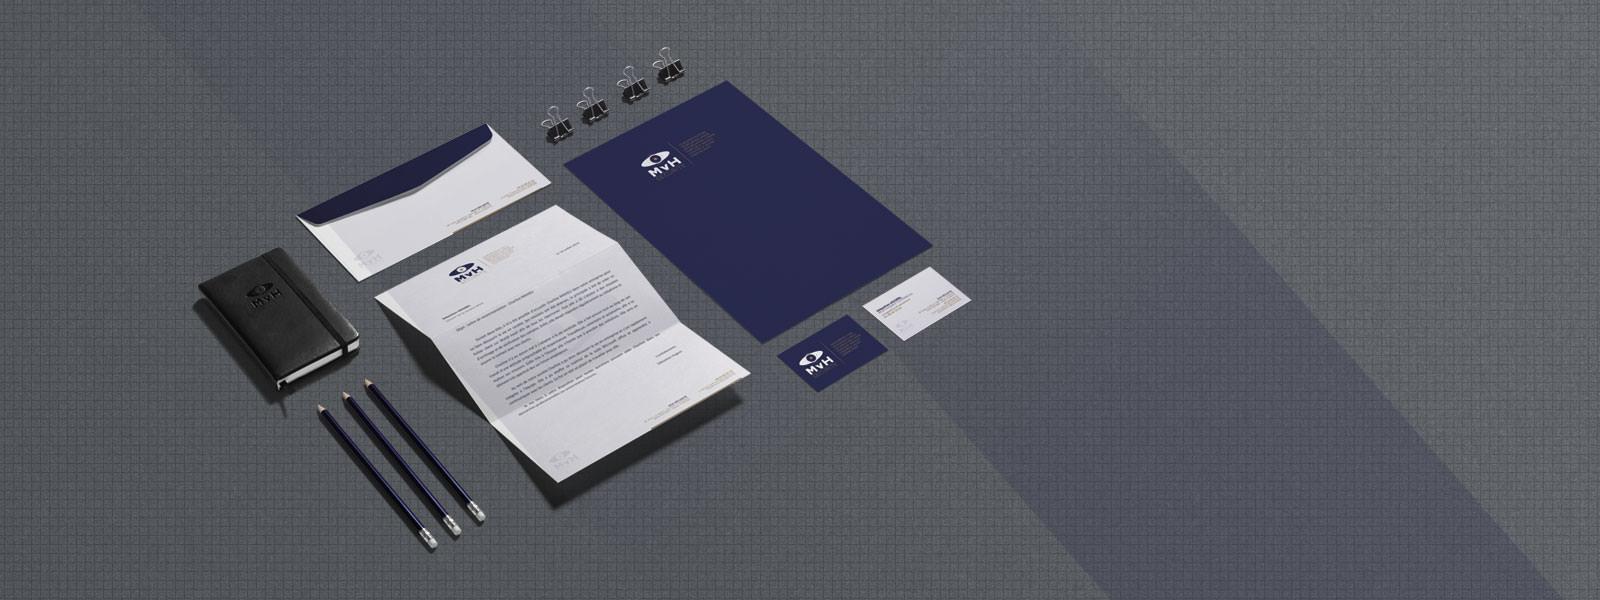 design_graphisme_slider_Diferance-Communication